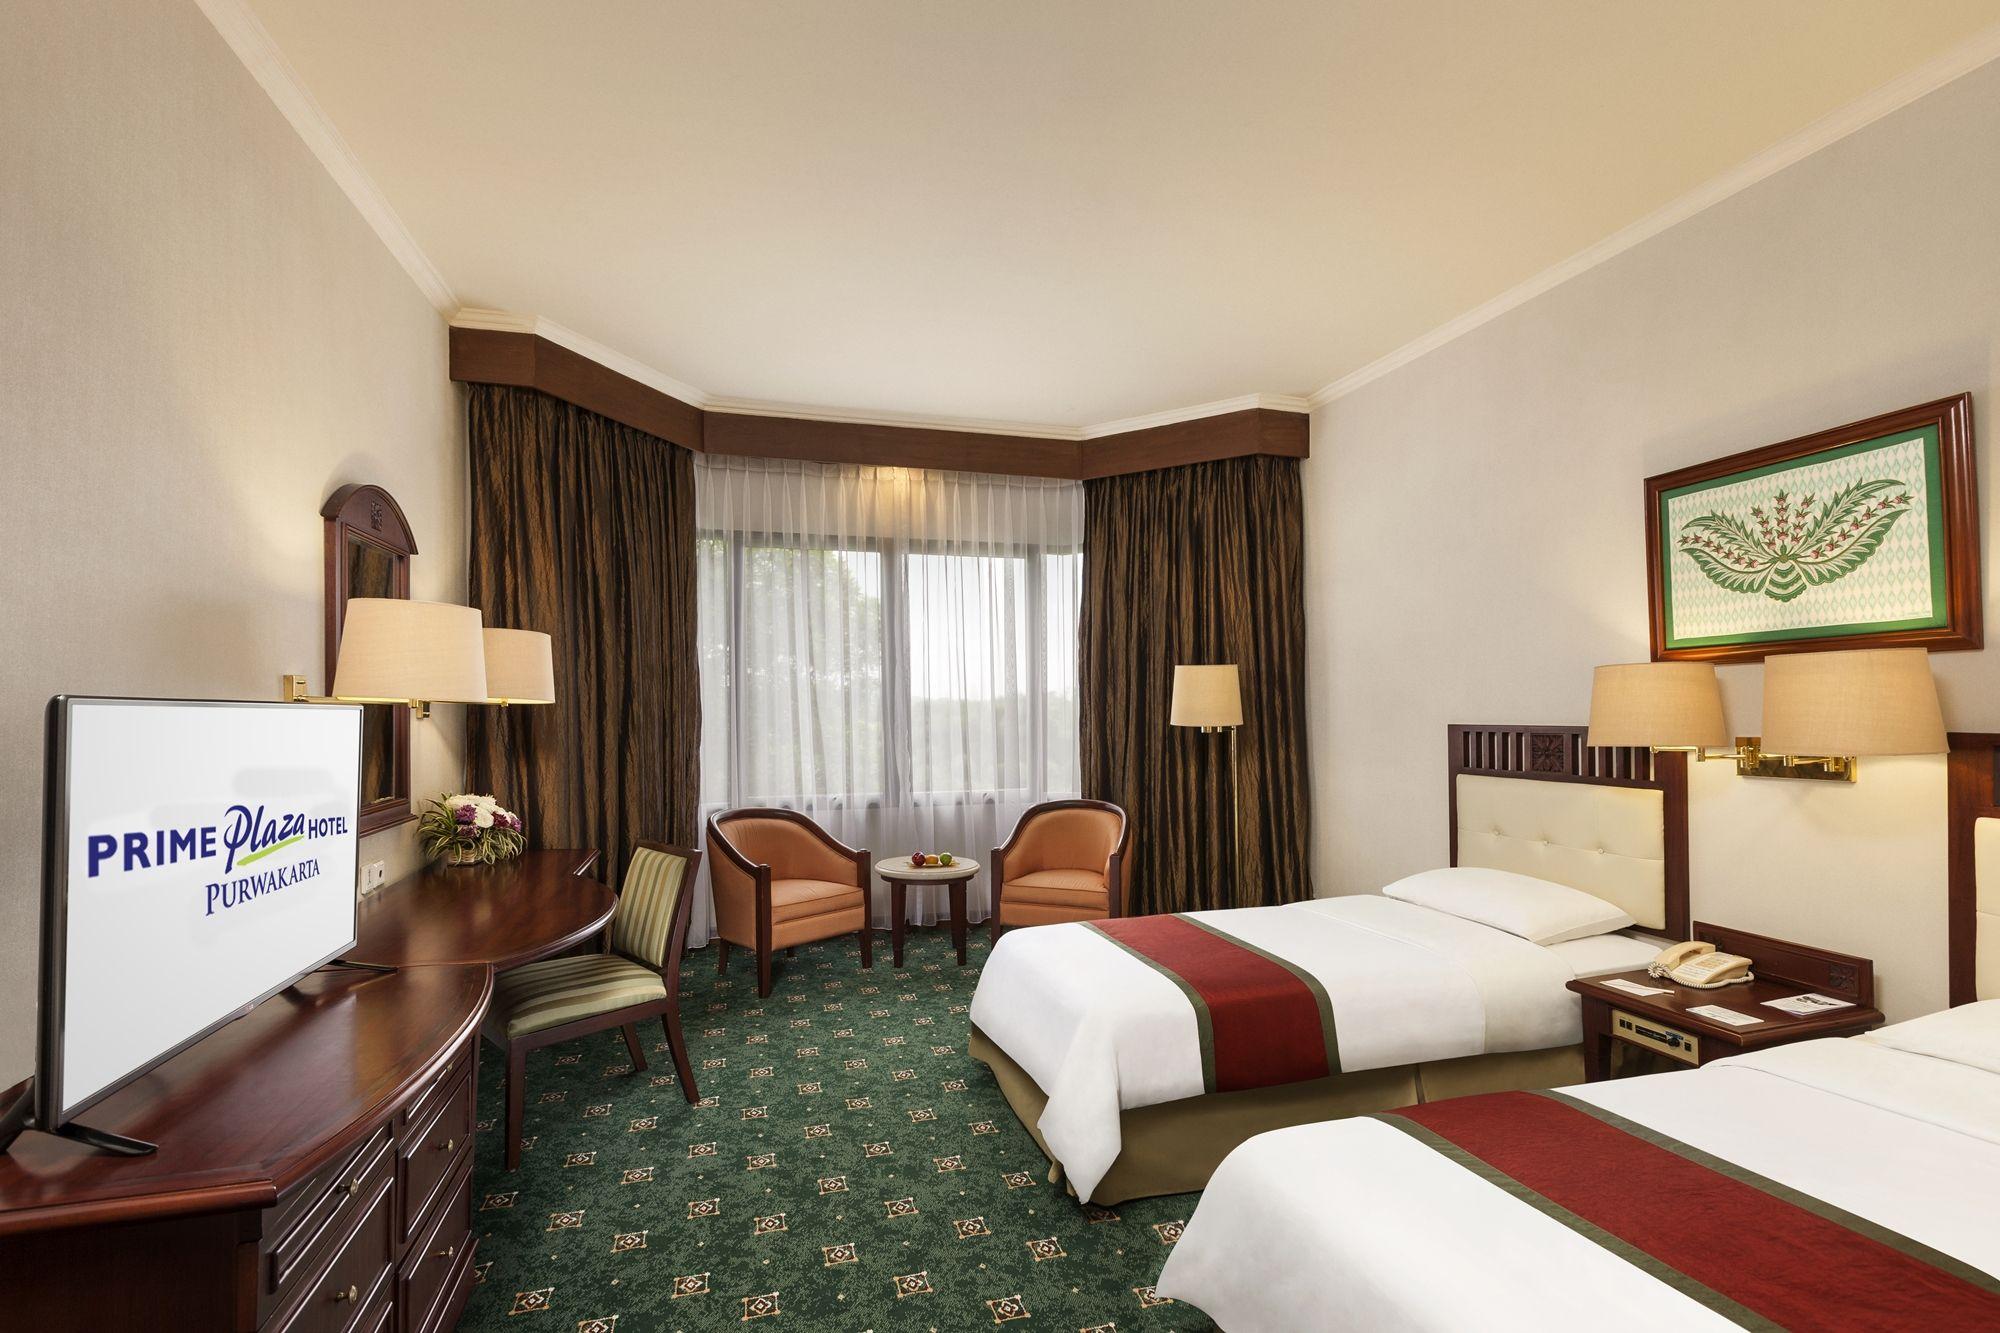 Prime Plaza Hotel Purwakarta, Purwakarta